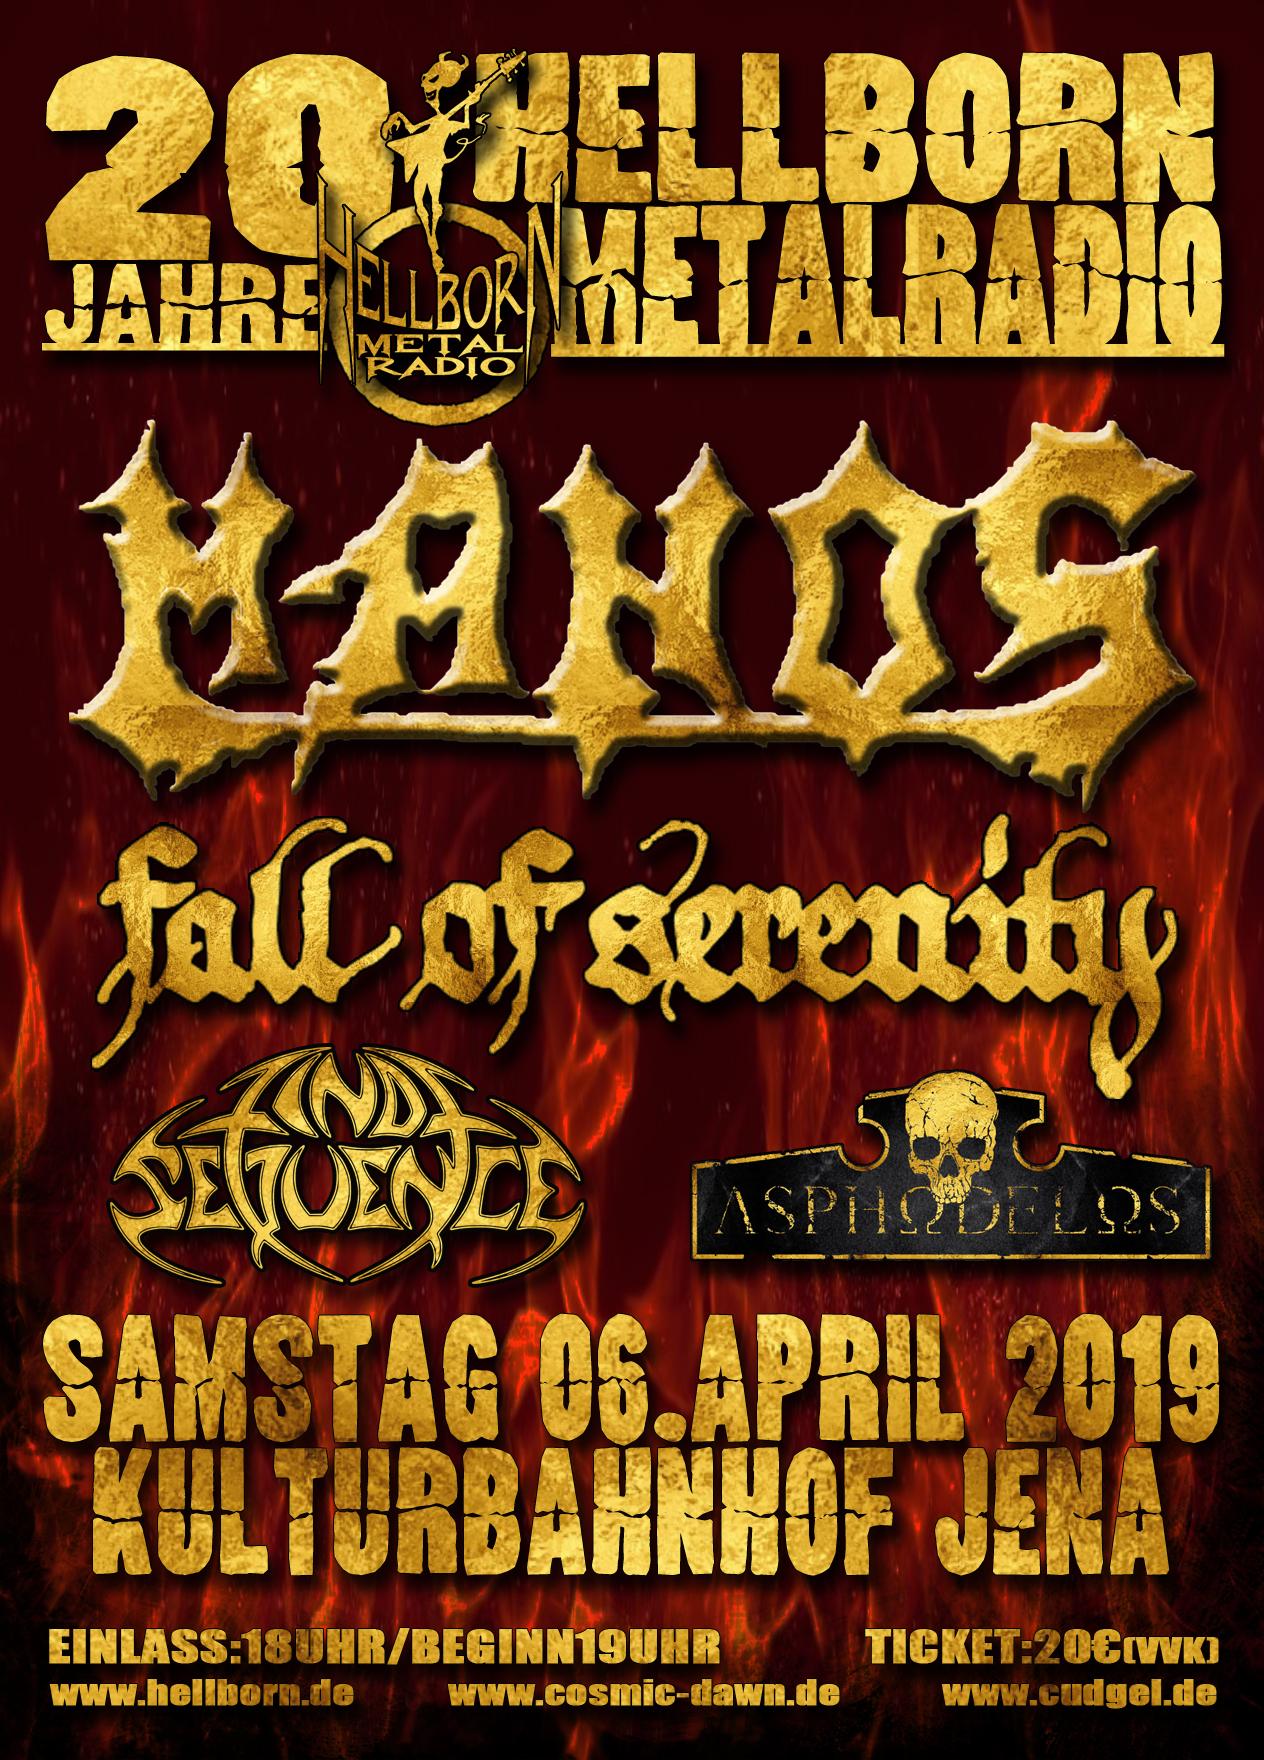 Das Plakat zur Jubiläumssause von Hellborn-Metalradio